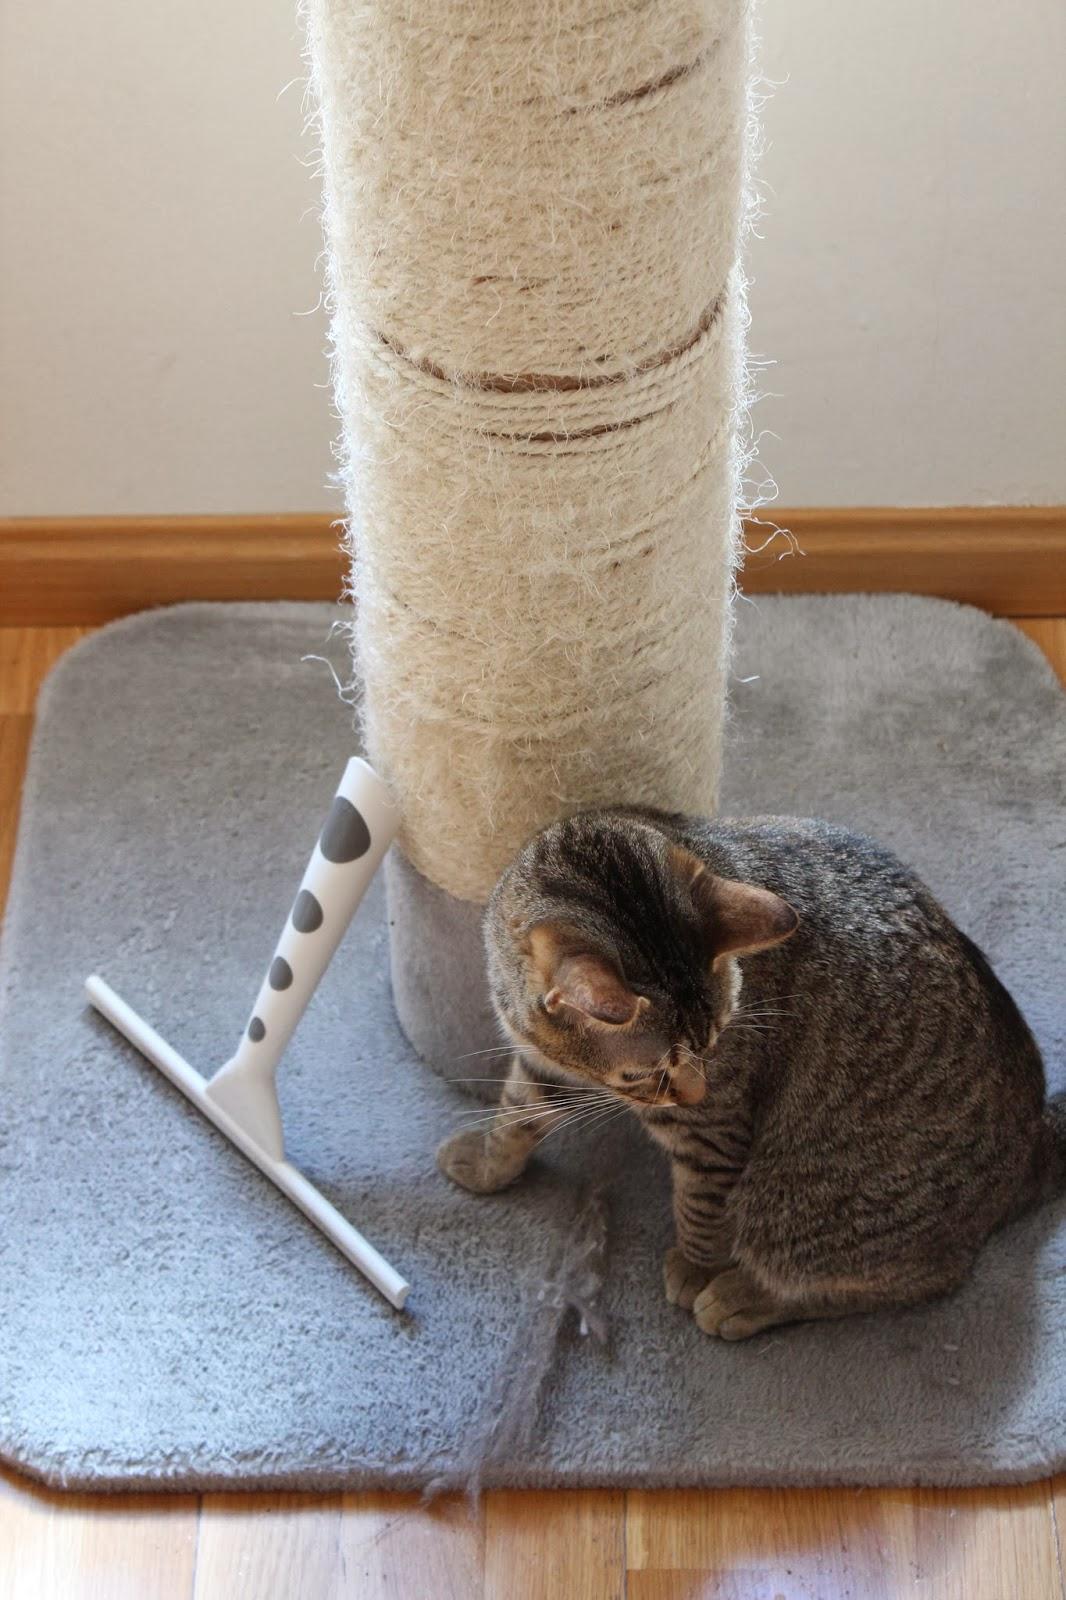 Quitar pelos de mascota, limpieza pelos gato, cepillo pelos gato.